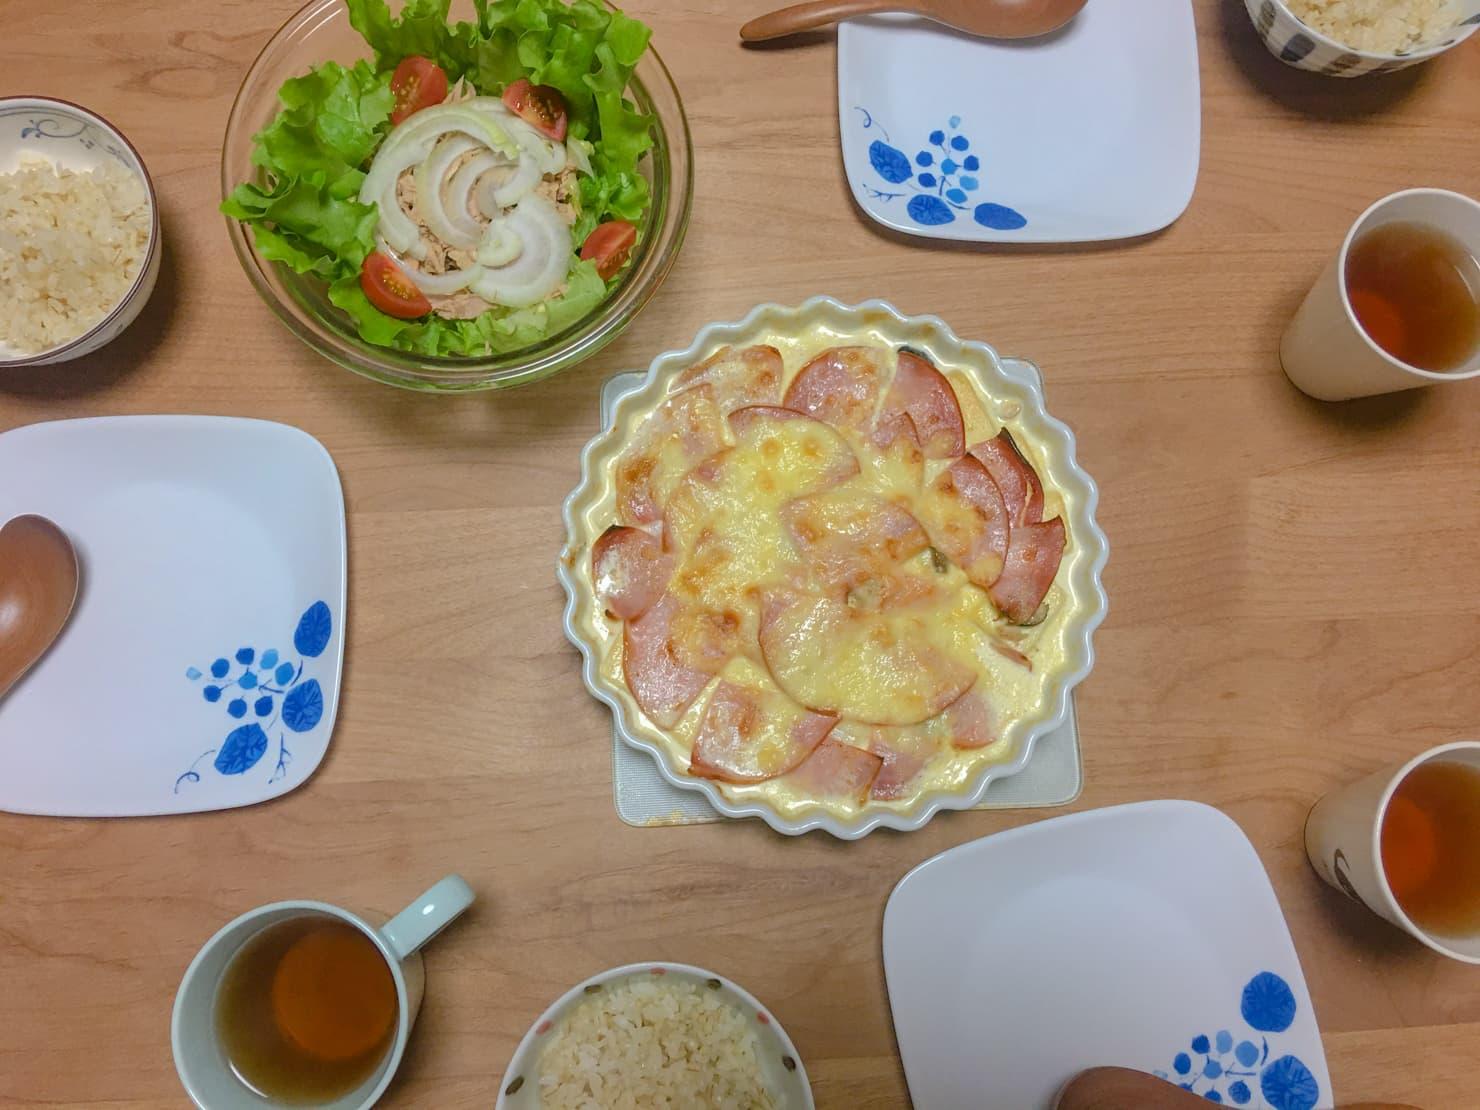 ねぎとしめじのスープグラタン中心の食事の写真